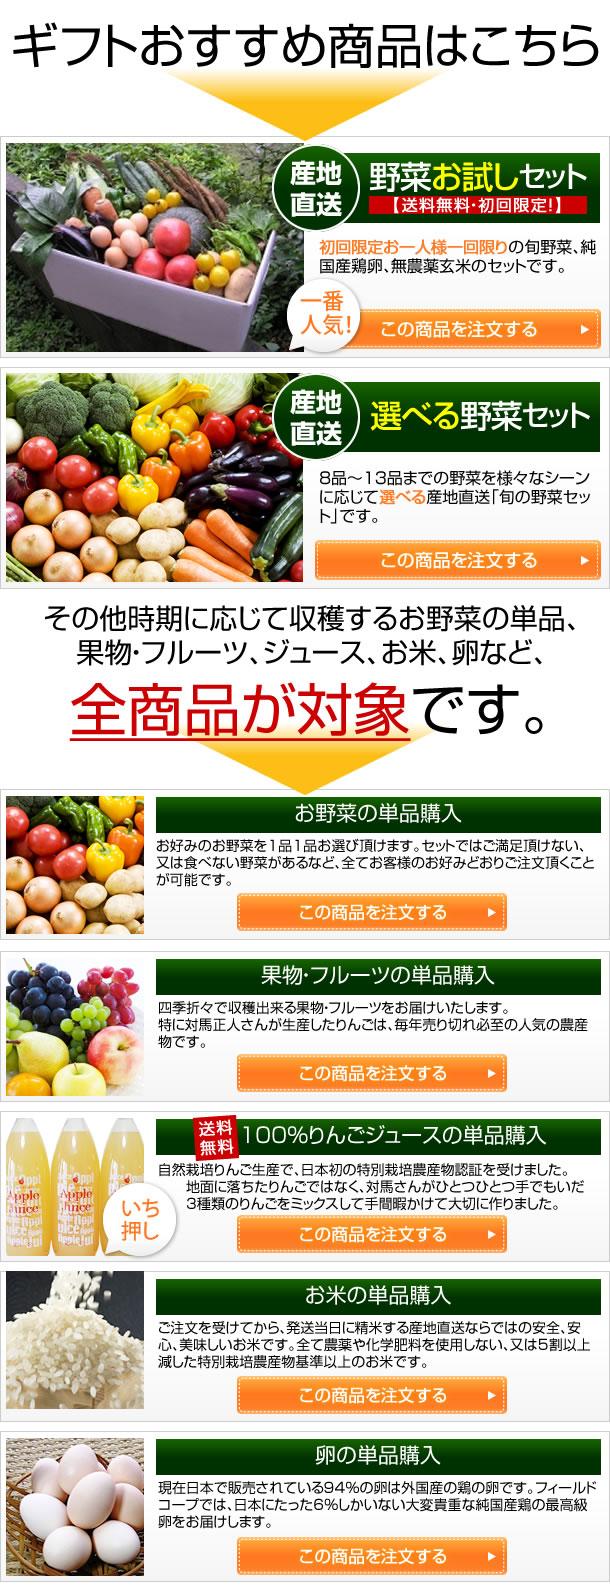 オススメ商品はコチラ・【送料無料・初回限定】お試しセット・8品〜13品までの野菜を様々なシーンに応じて選べる、産地直送旬の野菜セット・その他時期に応じて収穫するお野菜の単品、果物・フルーツ、ジュース、お米、卵など、全商品が対象です。お野菜の単品購入、果物・フルーツの購入、りんごジュースの購入、お米の購入、卵の購入